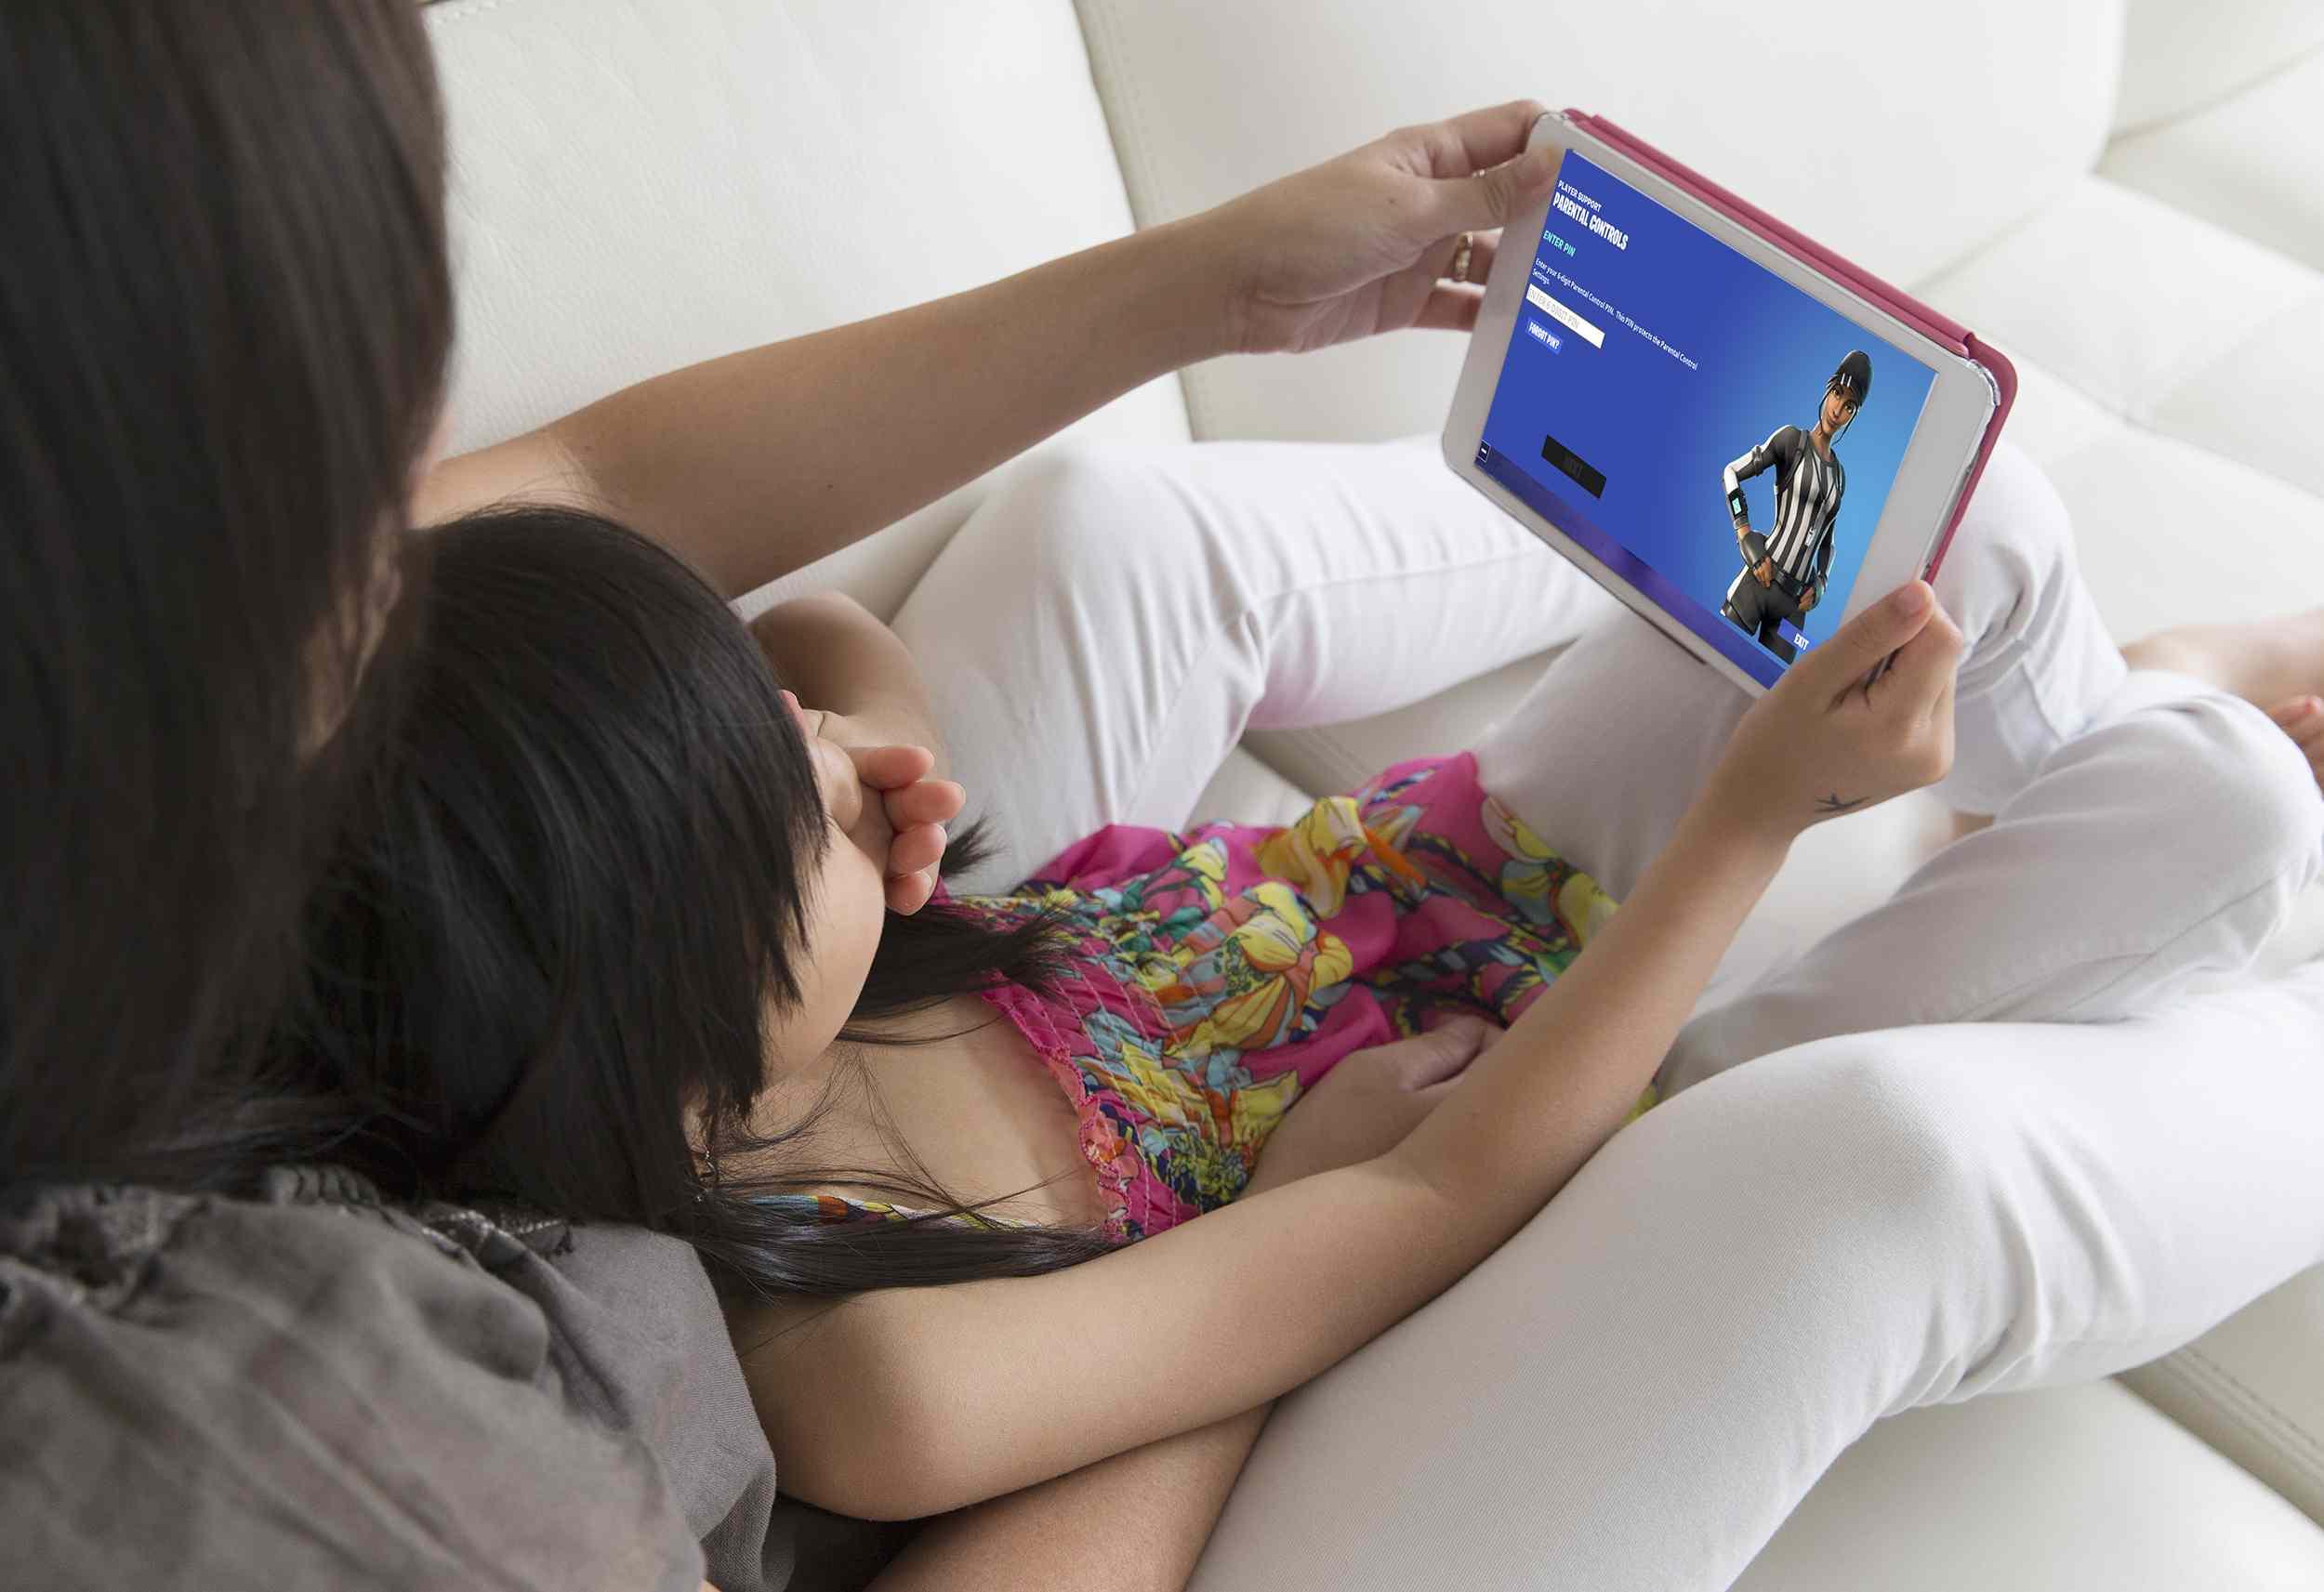 A mom sets up Fortnite parental controls on her child's tablet.